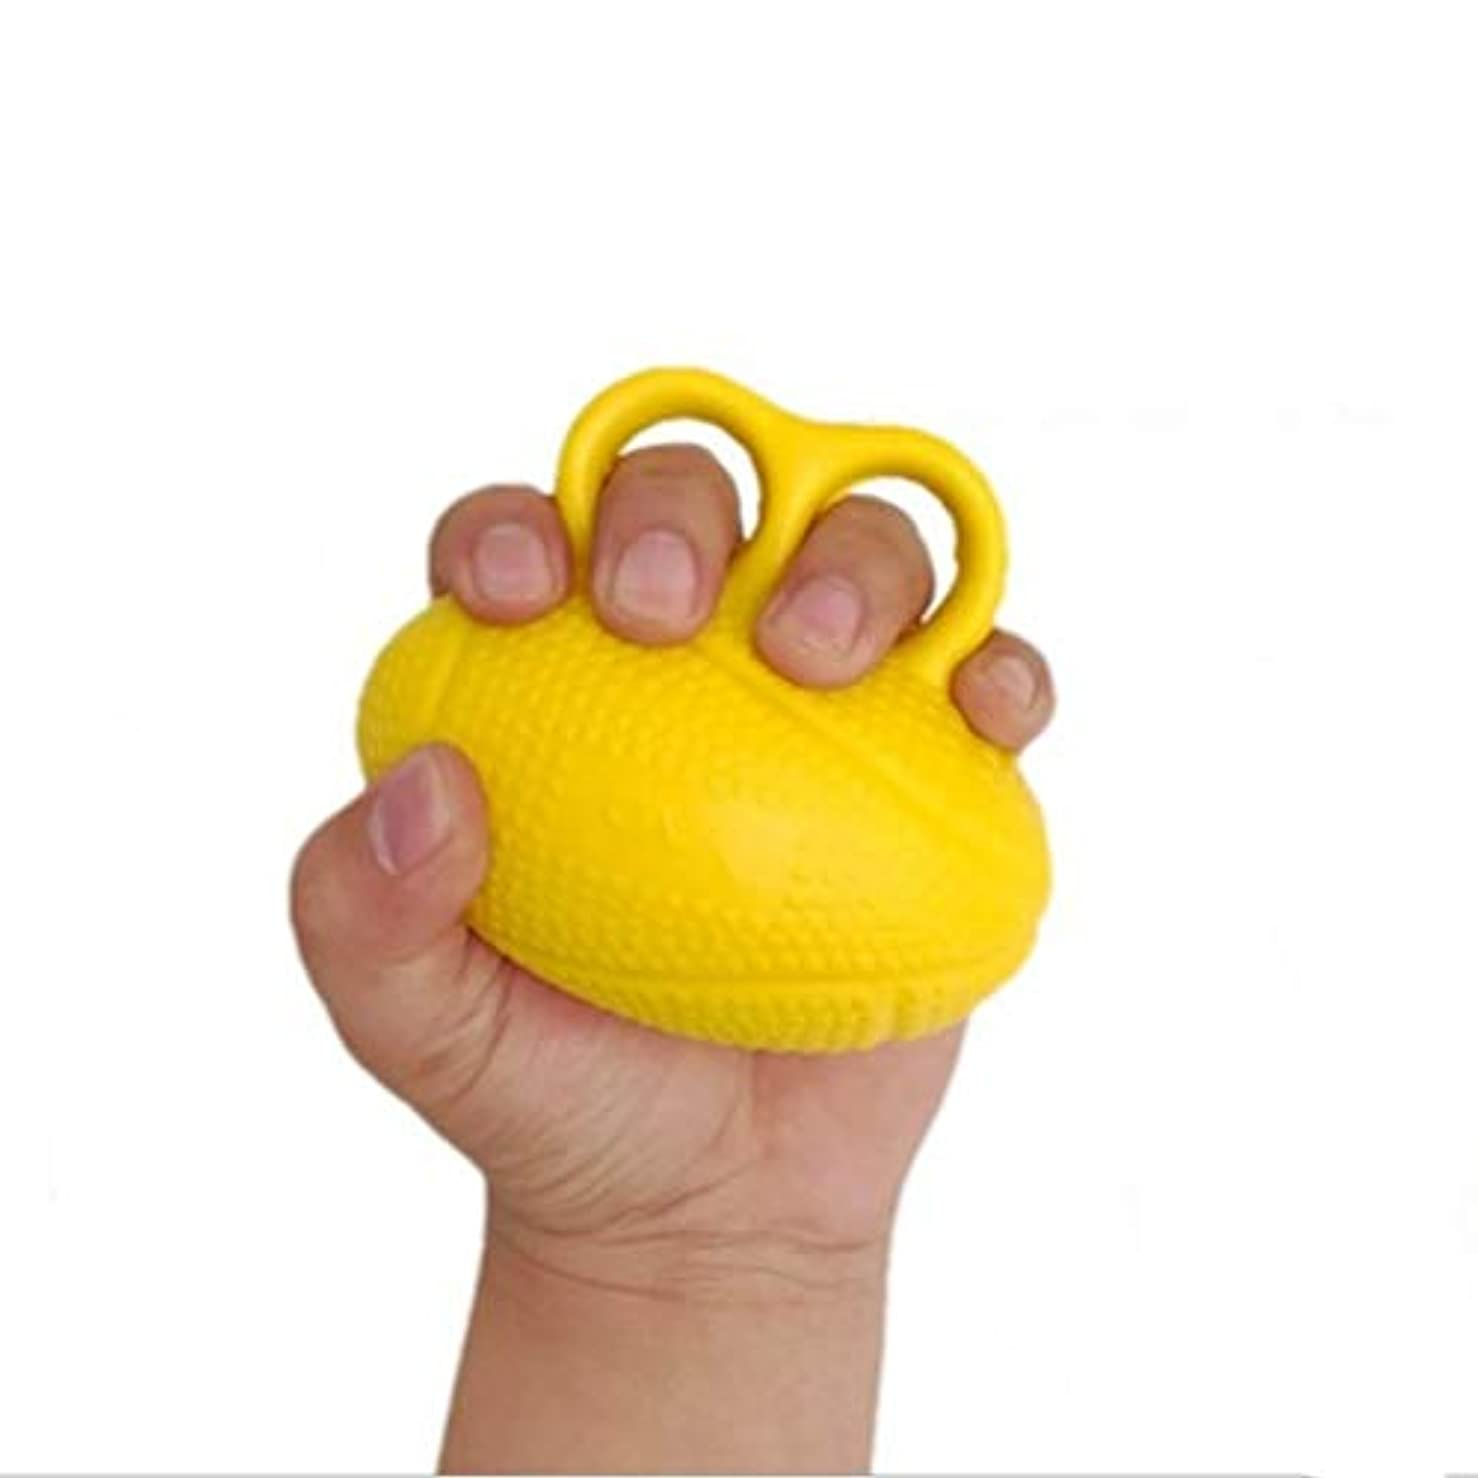 中国等構築する指の整形外科のボールポイント指のグリップボールトレーニングボール指筋力トレーニングリハビリ機器のグリップ